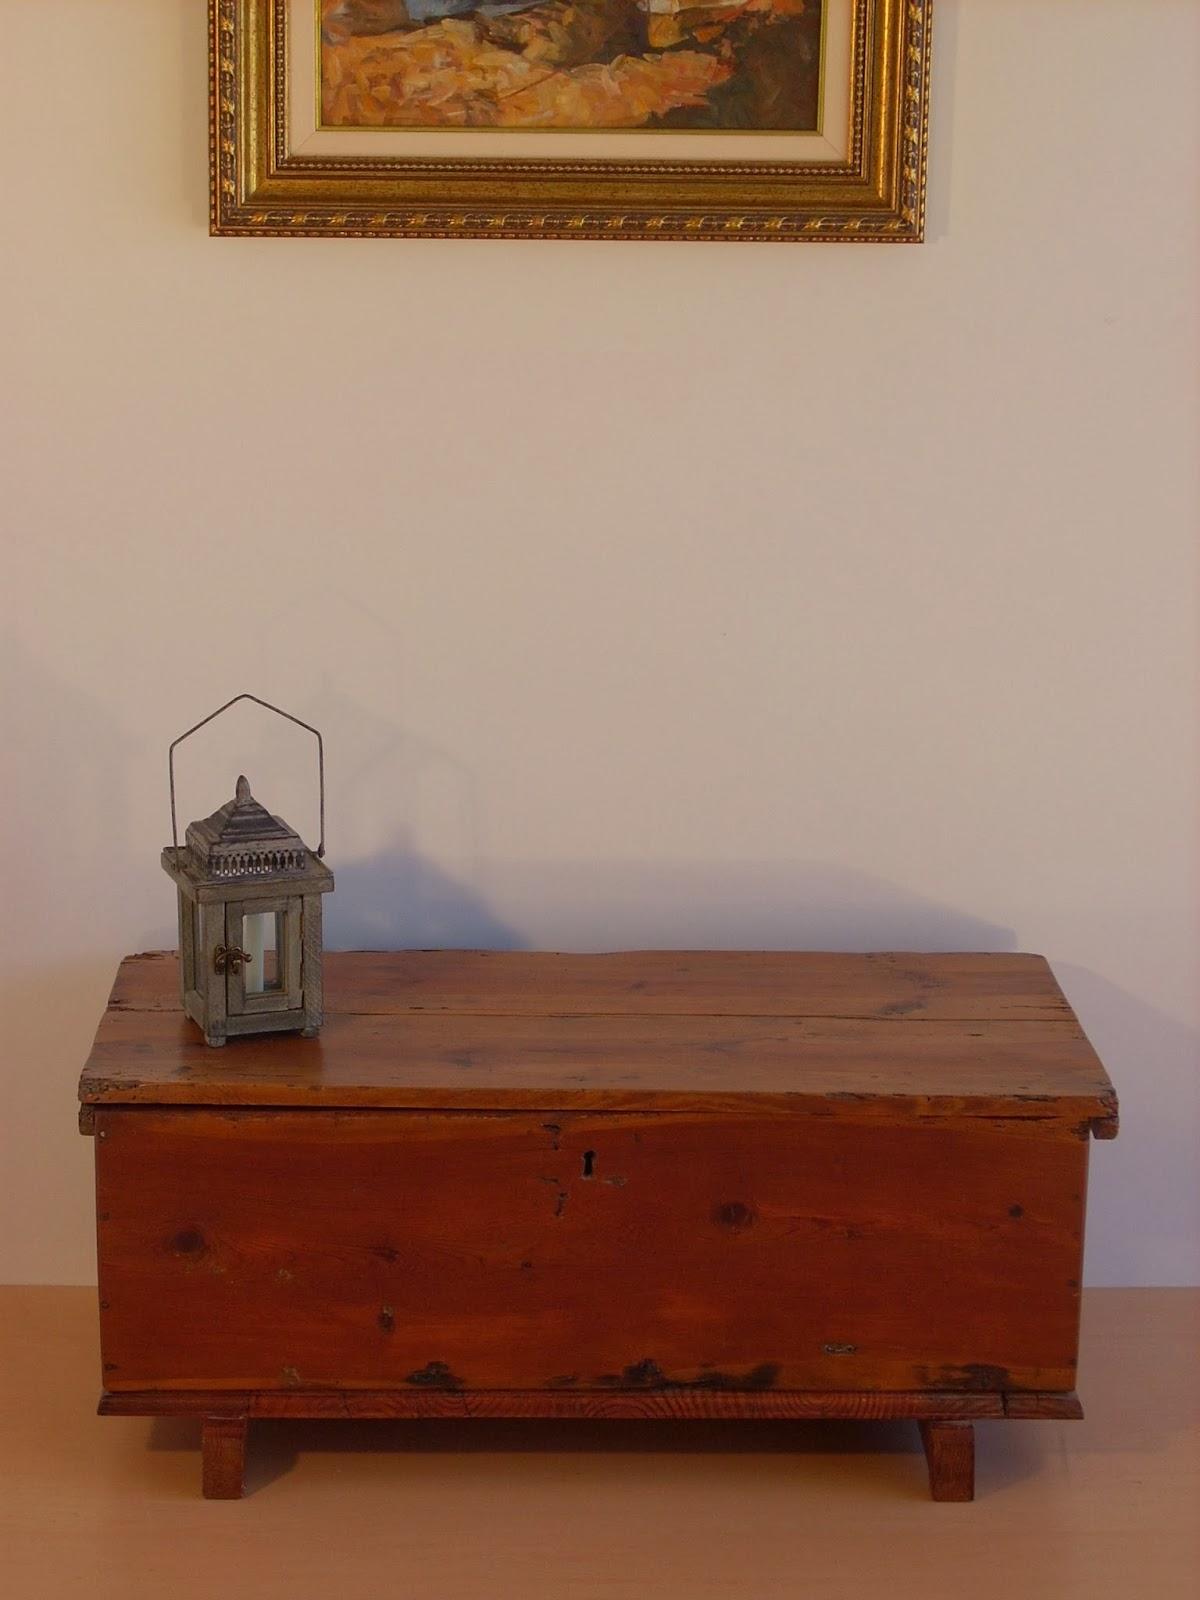 Venta de muebles antiguos restaurados naturmoble caja de - Muebles antiguos restaurados ...